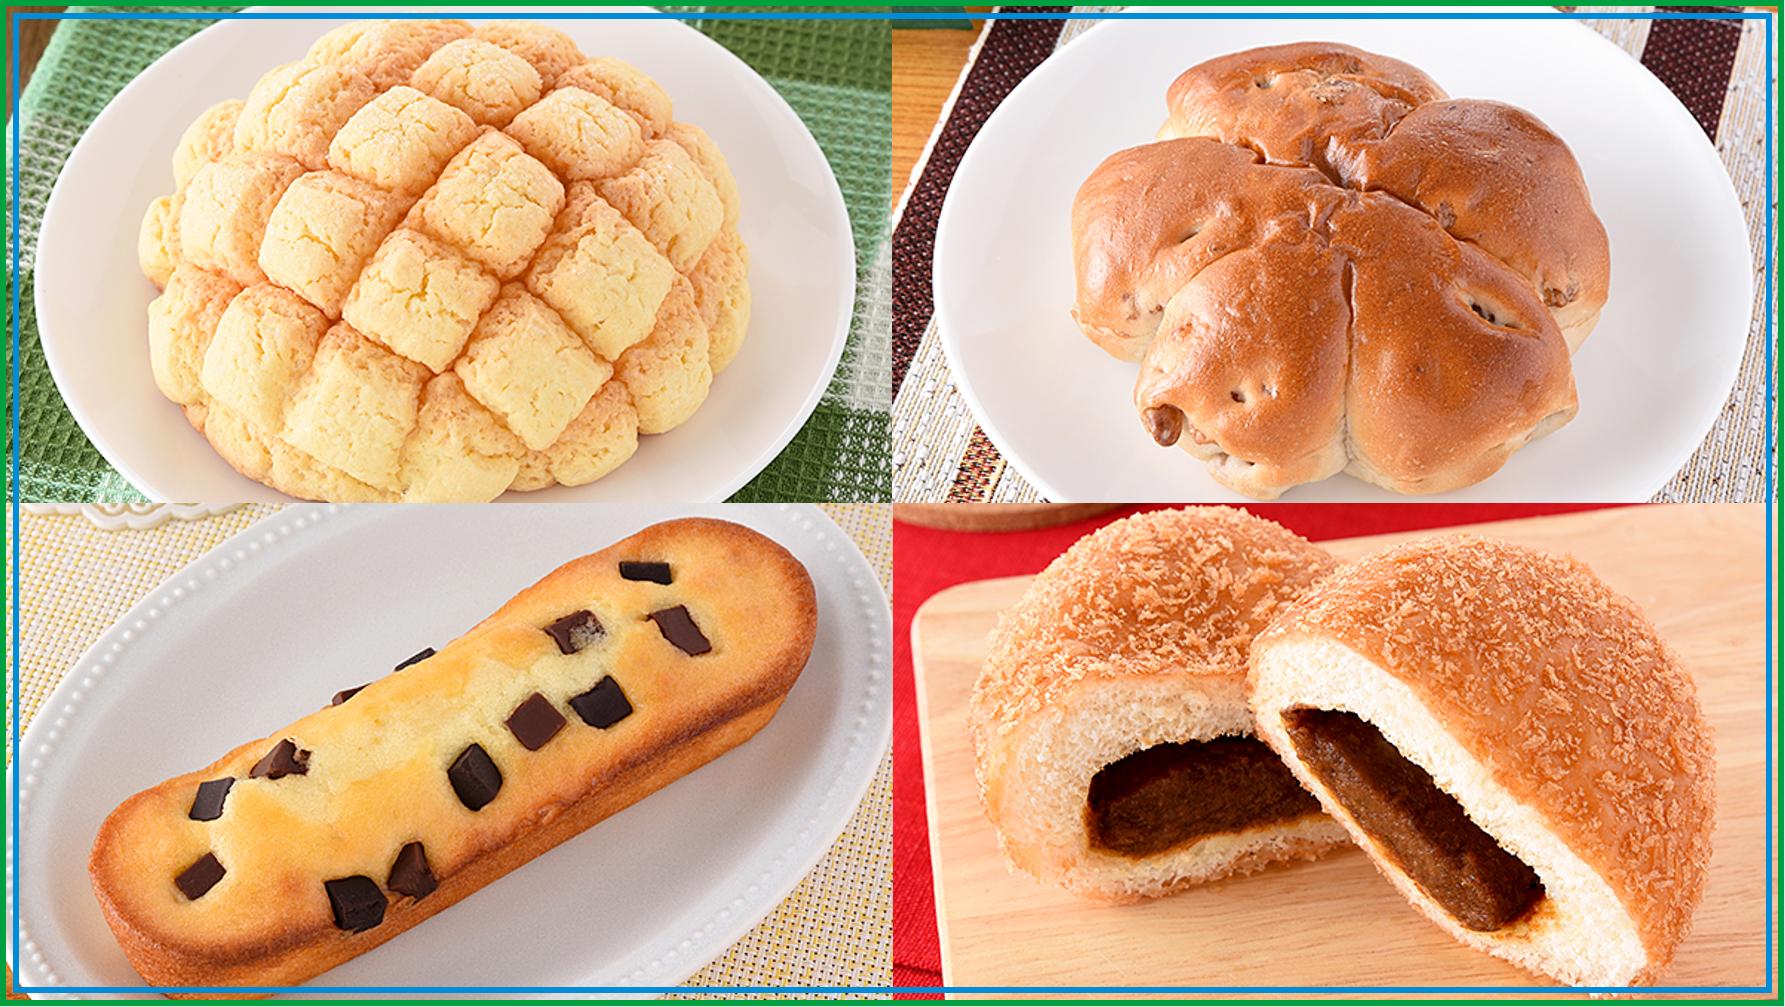 【9月14日更新】ファミマの人気パンおすすめまとめ!新商品から定番パンまで紹介